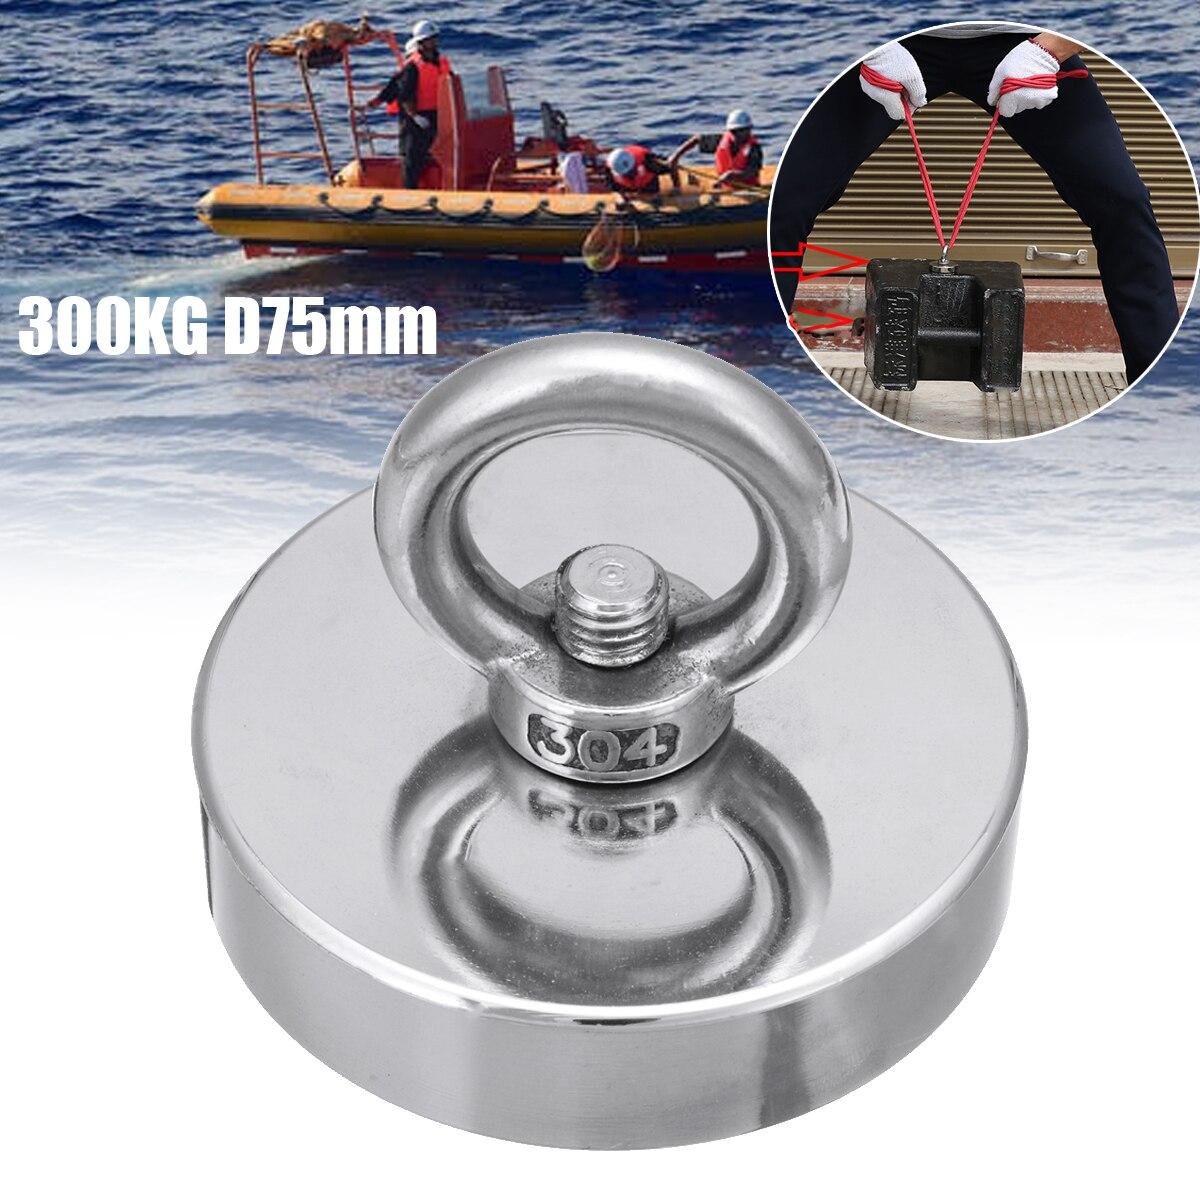 300 кг D75mm Salvage неодимовый магнит рыбалка Salvage восстановления получение магнит супер мощный отверстие кольцо крюк